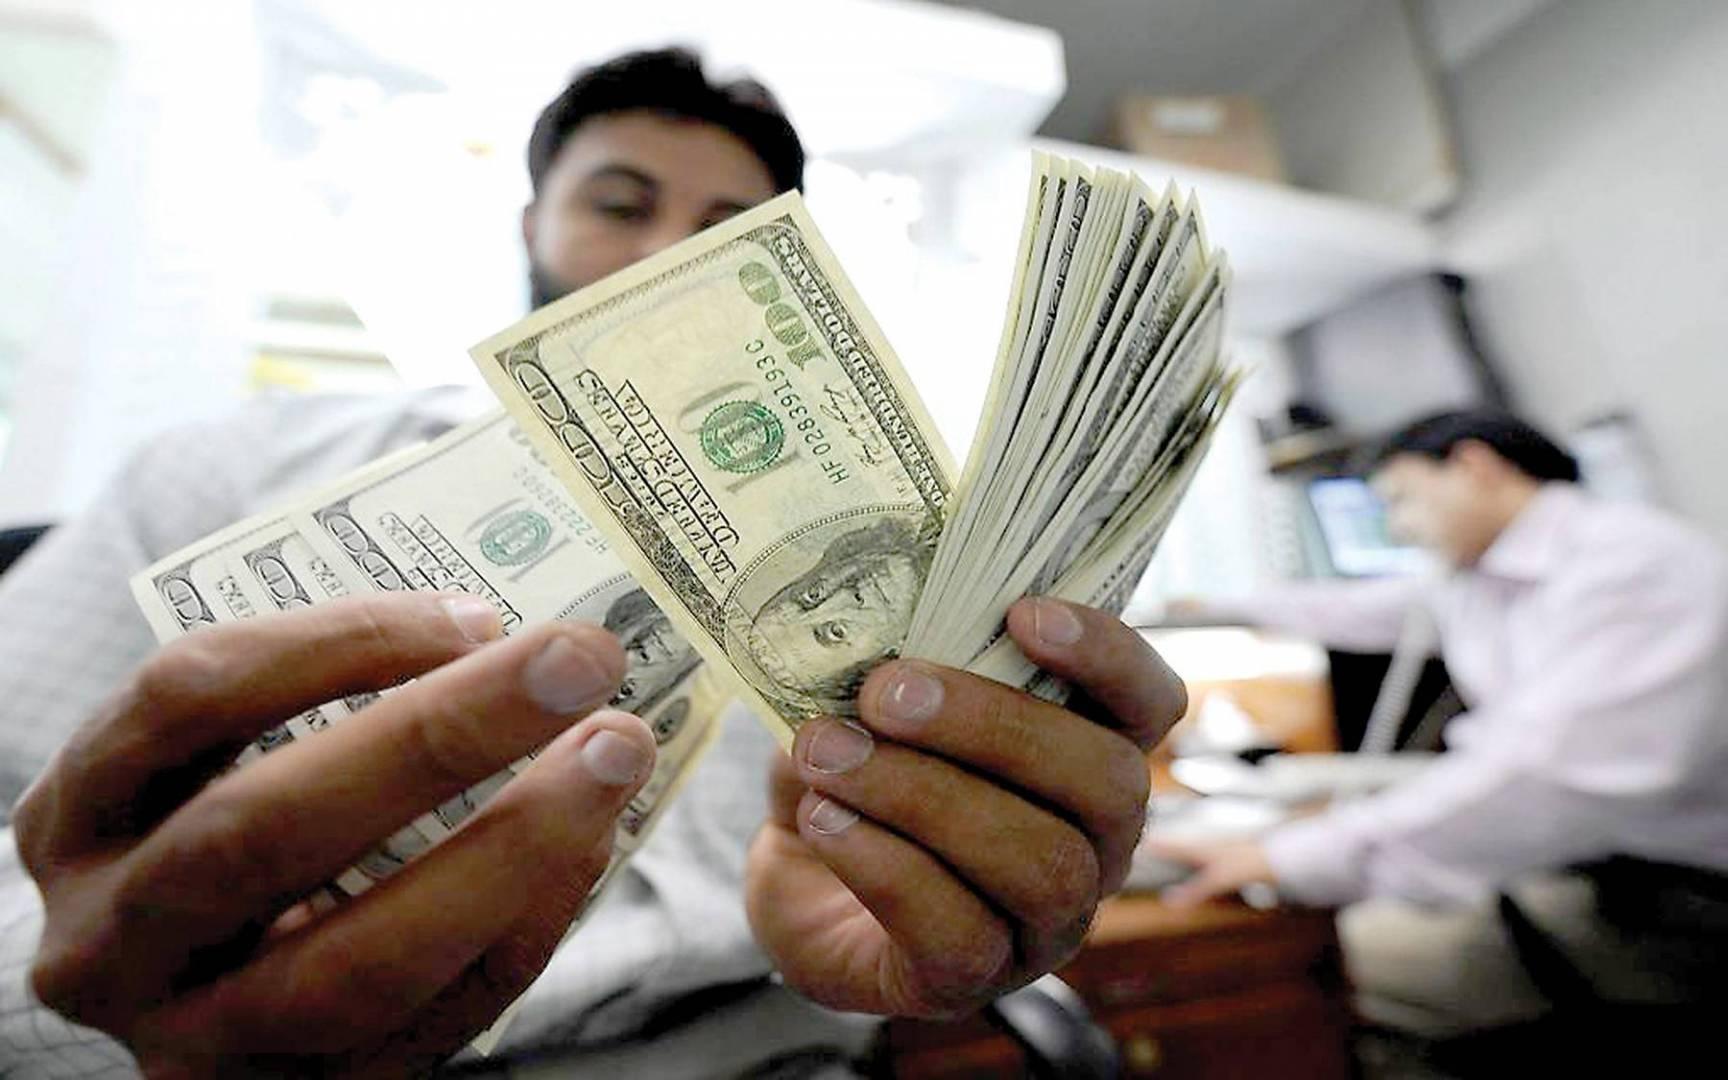 تحويلات الجالية الفلبينية من الكويت تسجل 676.94 مليون دولار